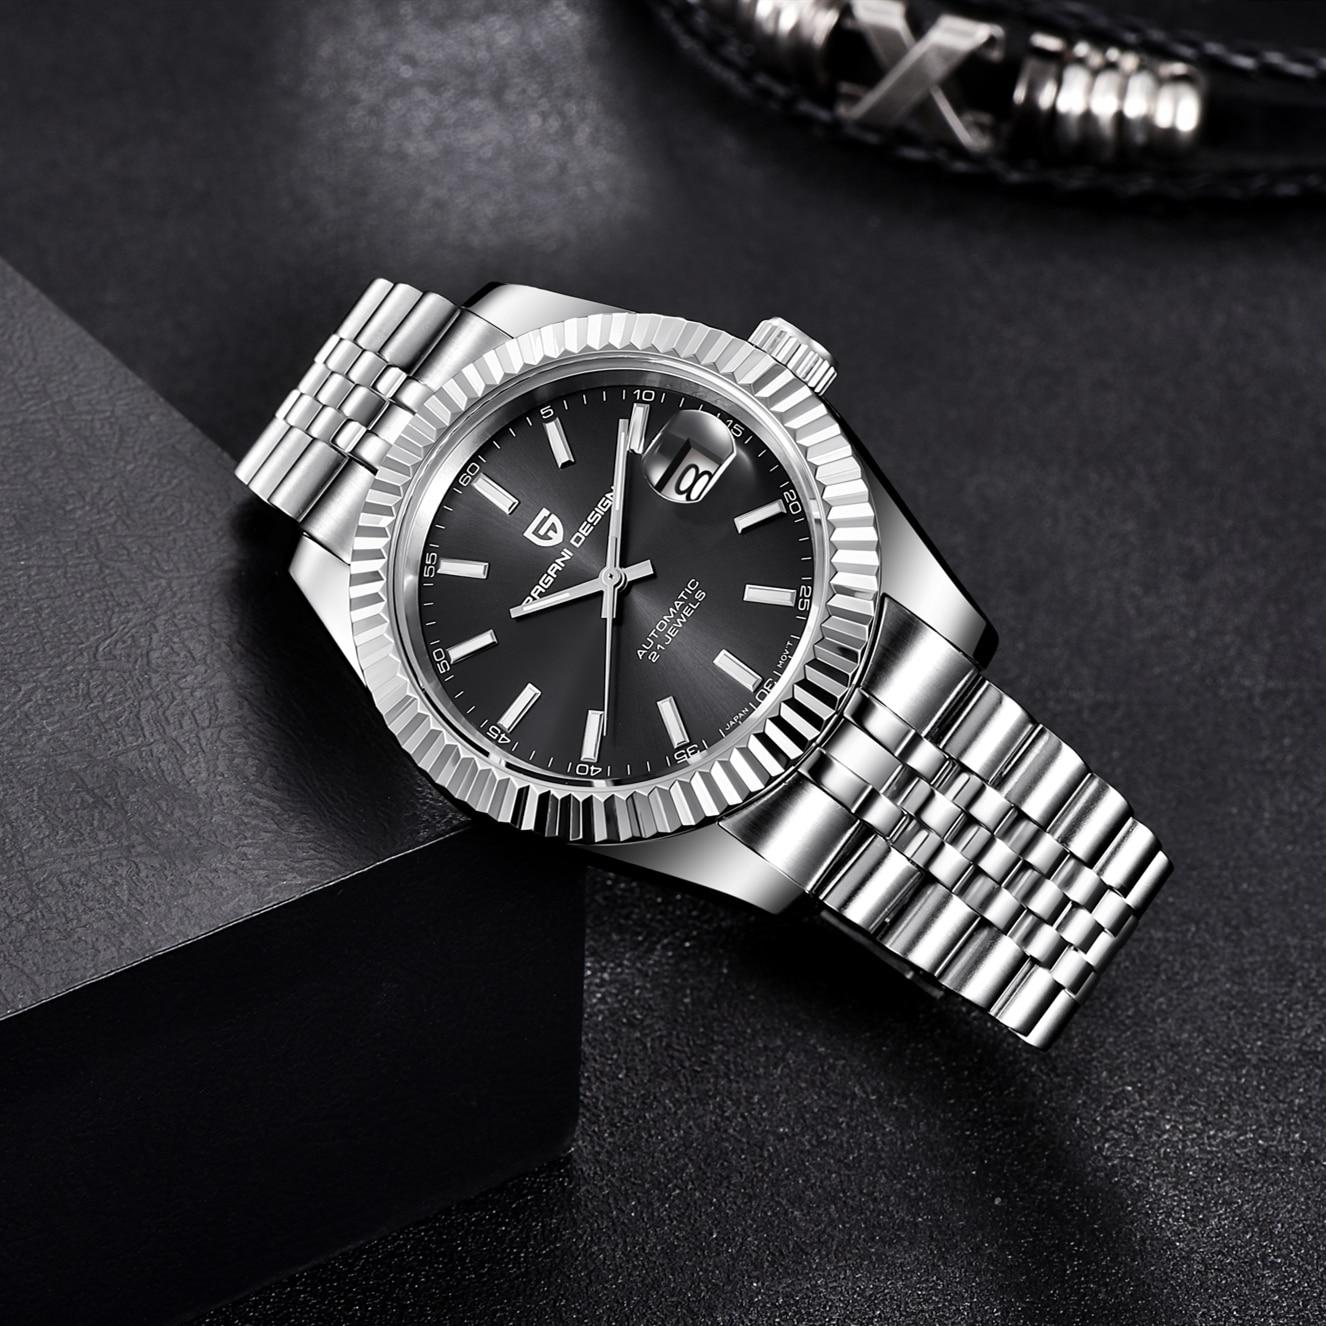 باجاني-ساعة ميكانيكية فاخرة من الياقوت للرجال ، ساعة أوتوماتيكية من الفولاذ المقاوم للصدأ ، مقاومة للماء حتى 100 متر